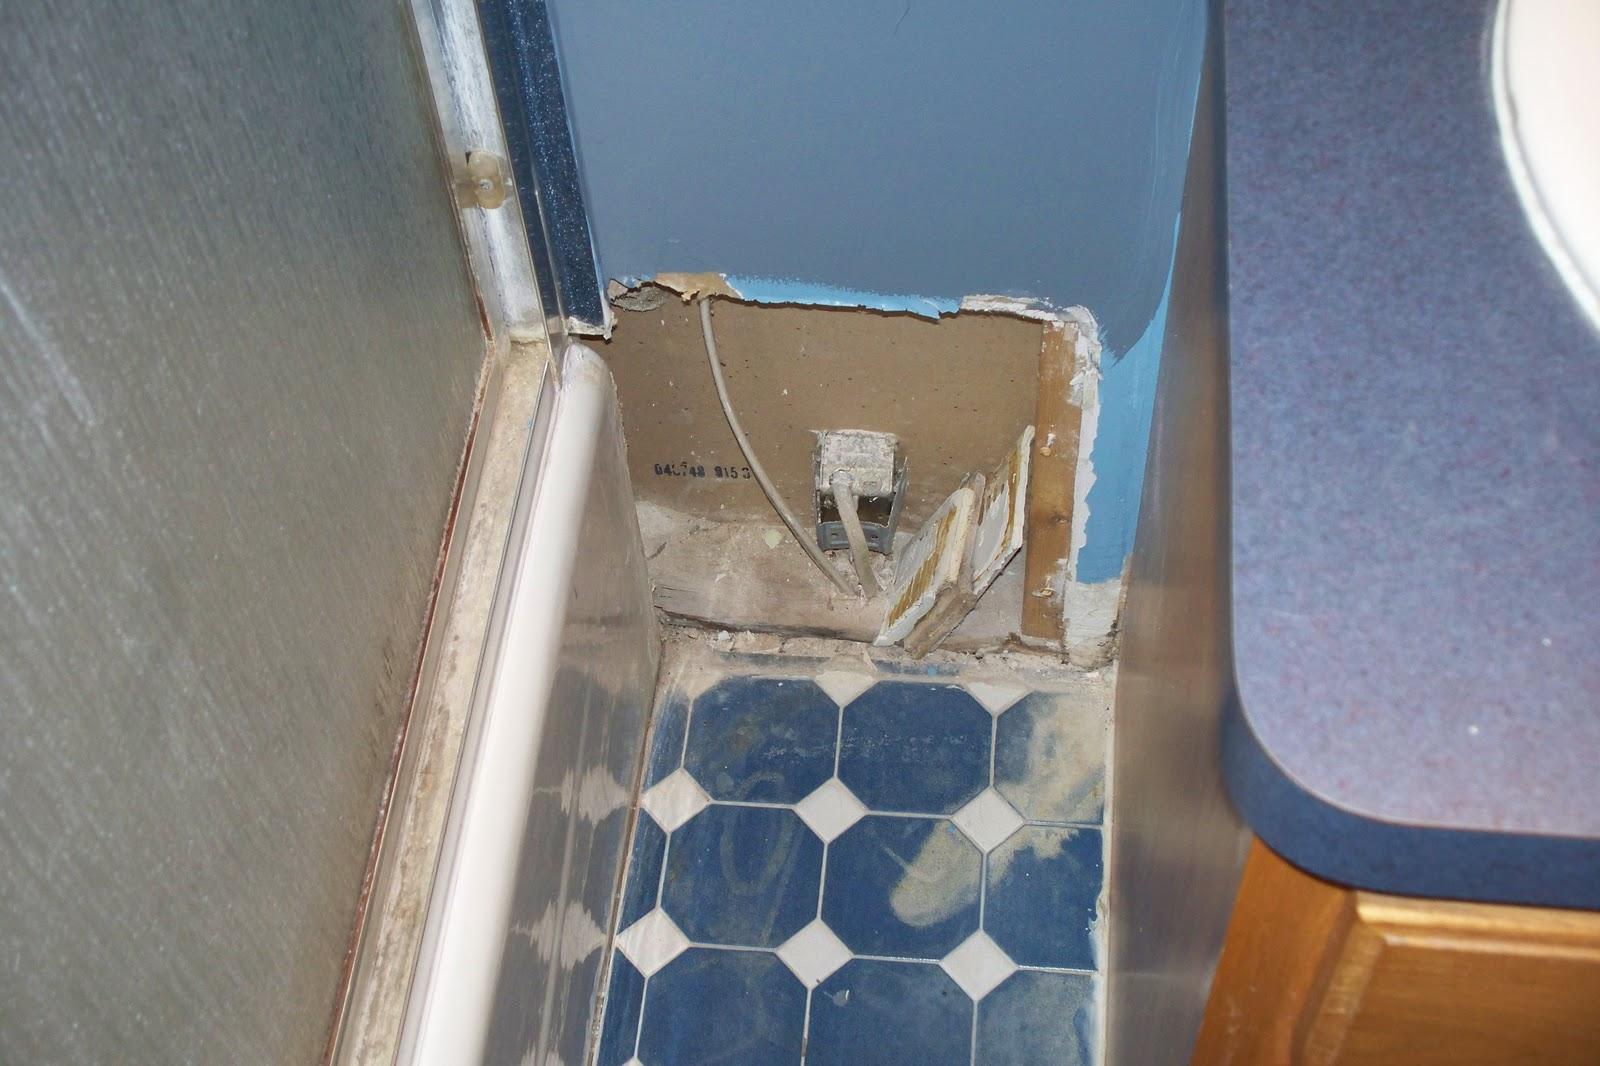 http://3.bp.blogspot.com/_an6Ktc3MBsc/TJ4NvgnNFGI/AAAAAAAABgw/nDbMkt59oBs/s1600/bathroom%2B006.jpg